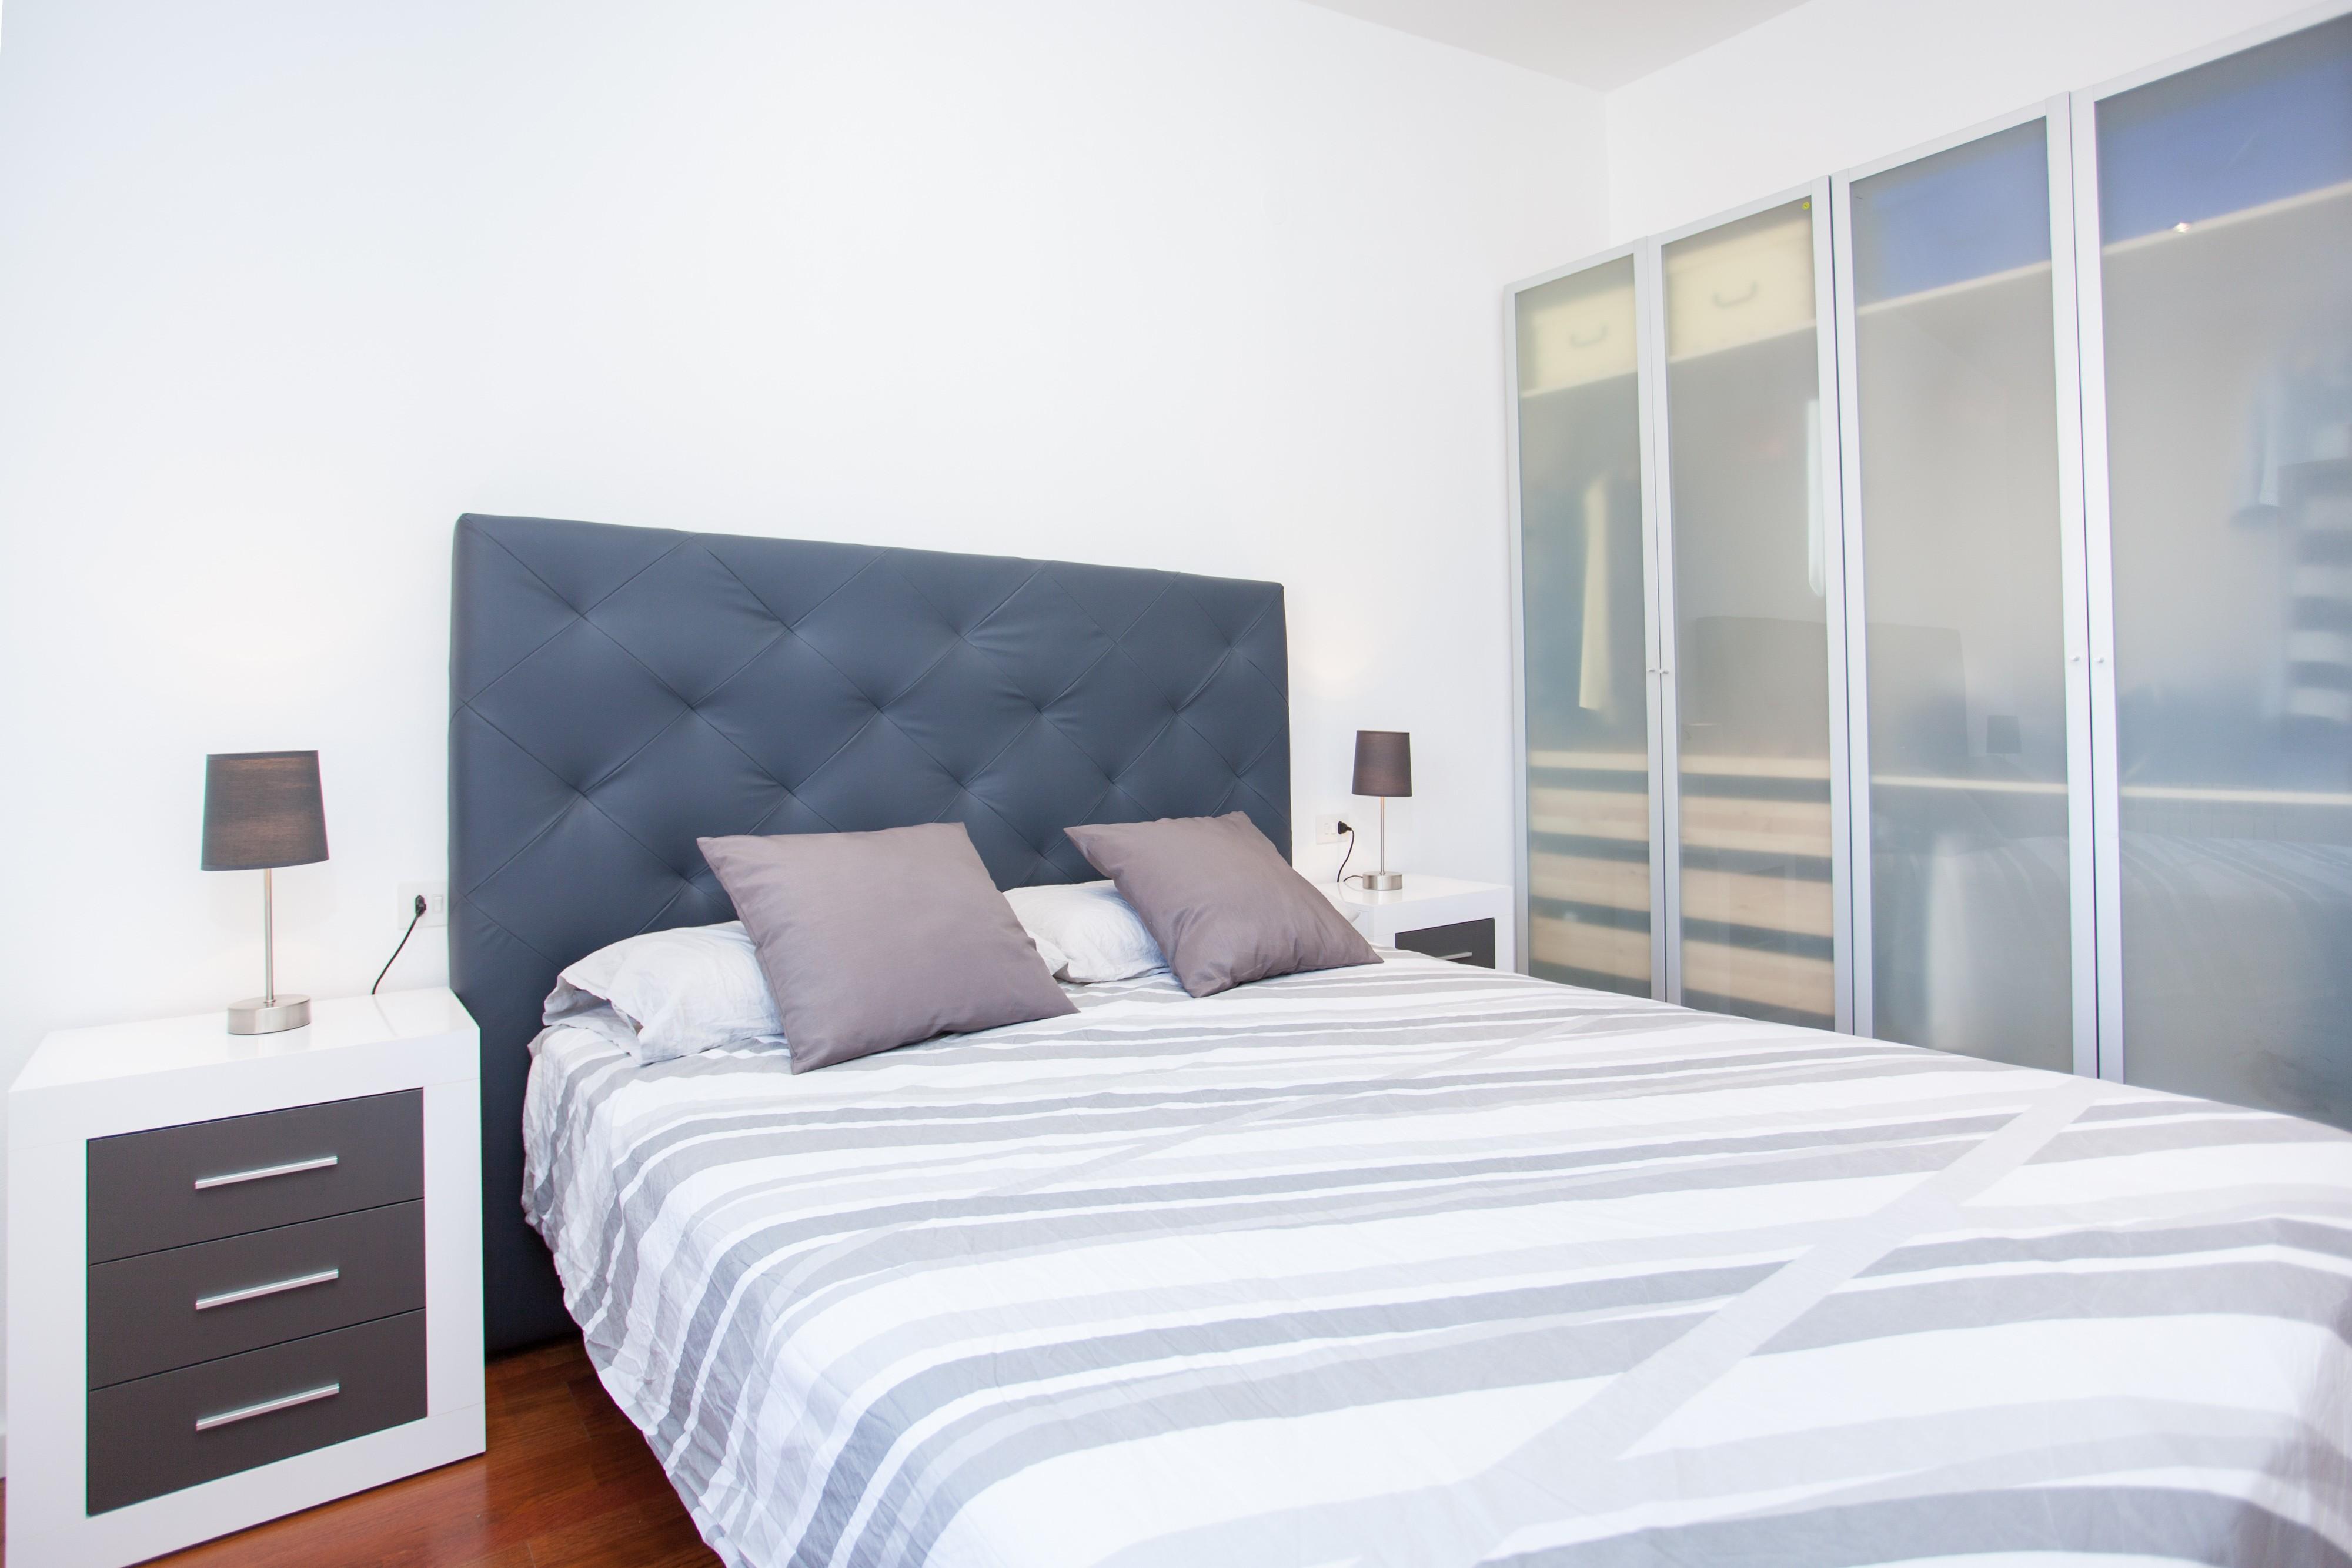 Maison de vacances CAN DOMINGO (2246405), Lloret de Vistalegre, Majorque, Iles Baléares, Espagne, image 19